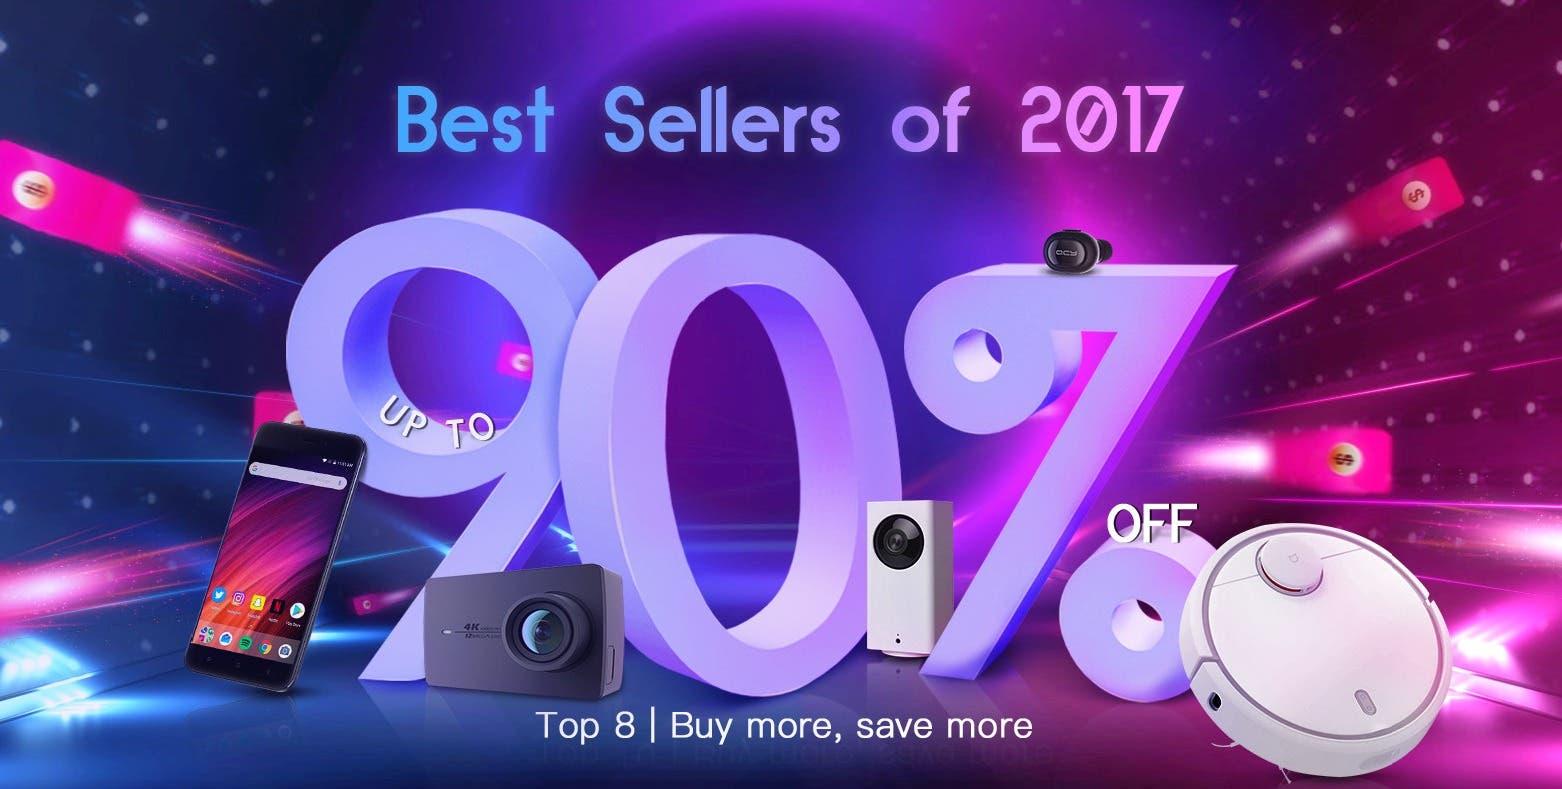 Geekbuying best sellers